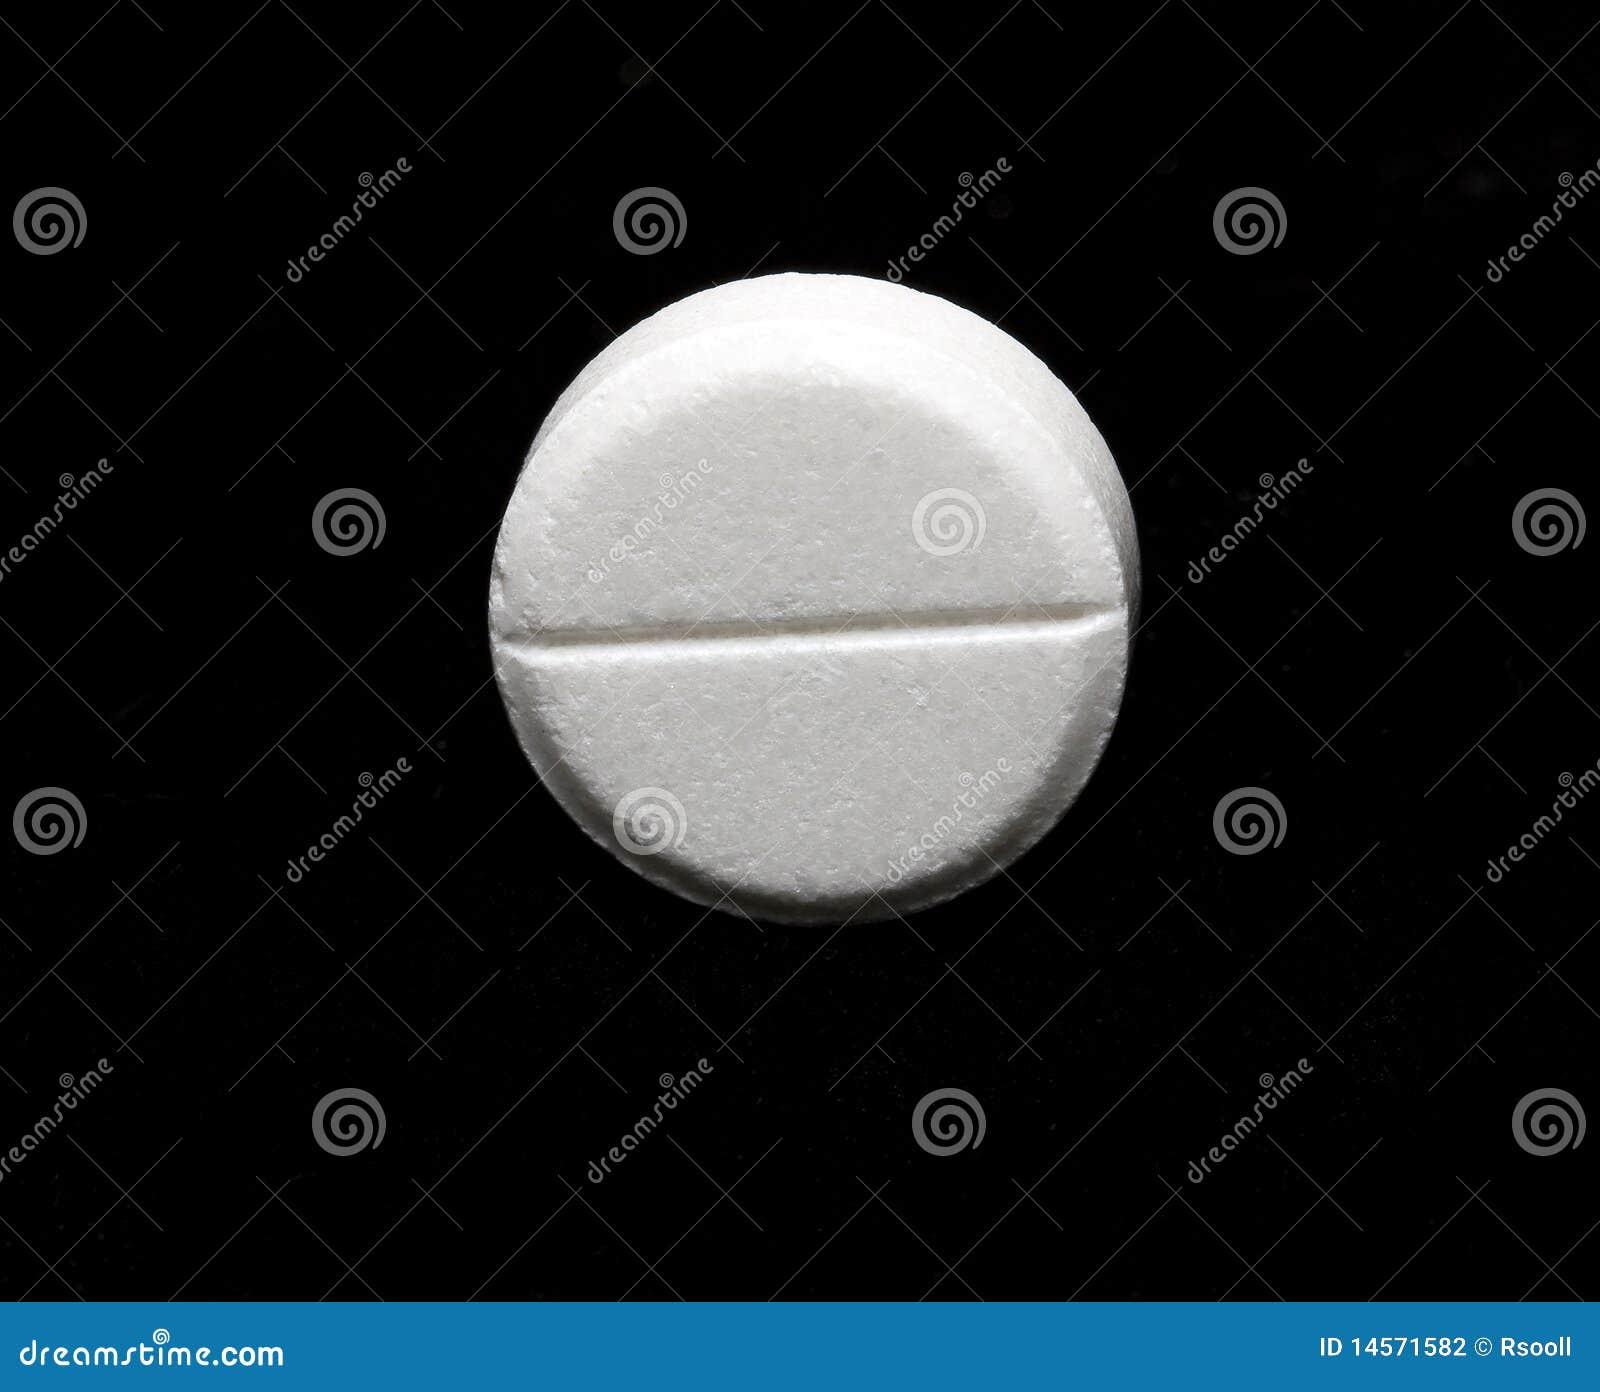 White round tablet of aspirin on a dark (black) background.